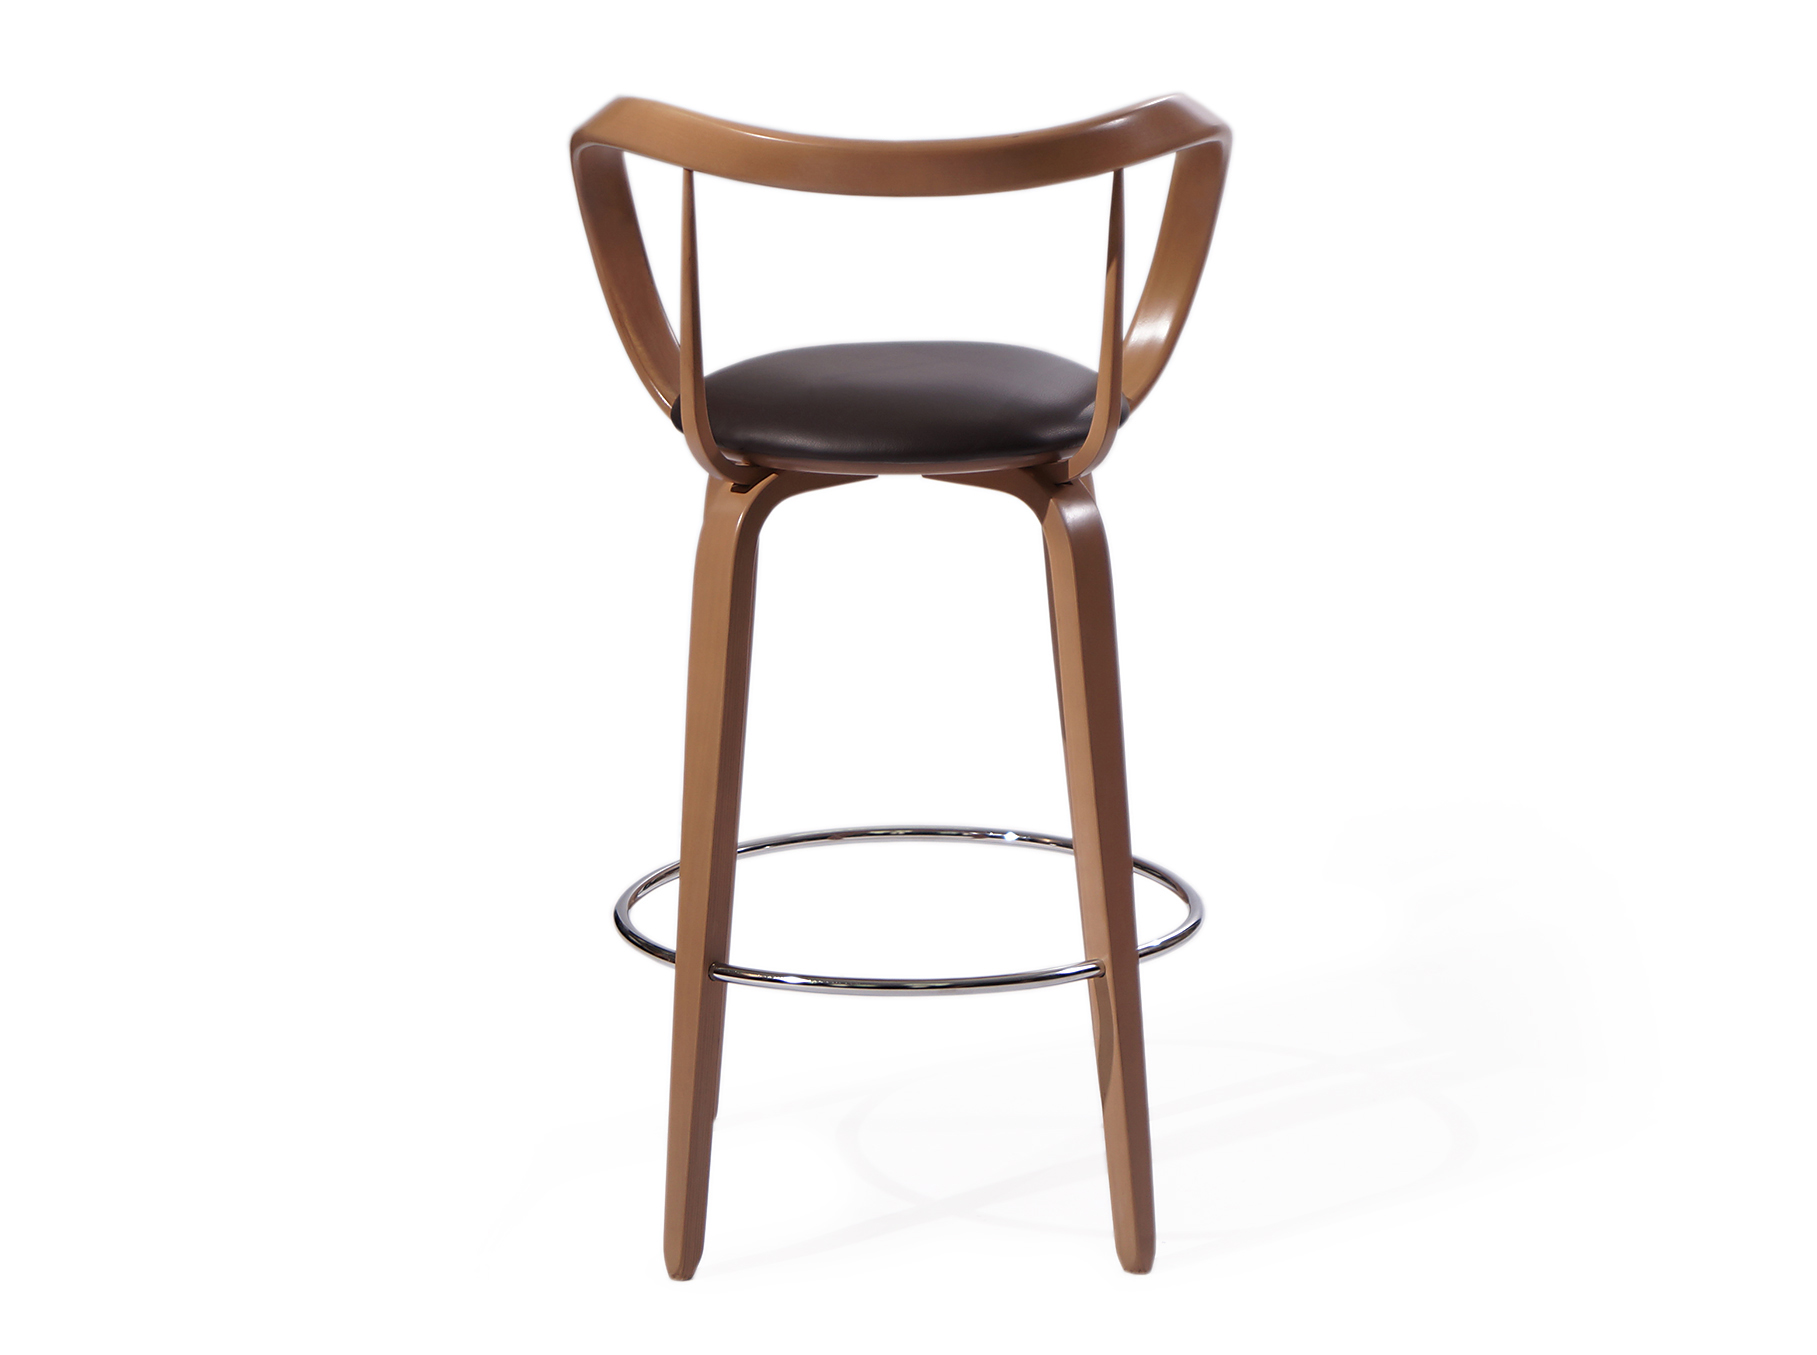 """Стул барный """"Apriori""""Барные стулья<br>Модным явлением для оригинальных интерьеров стали барные стулья, позволяющие окунуться в особую атмосферу непринужденного отдыха. Внести изюминку в оформление вашего бара или столовой помогут стулья «Априори», в которых оригинальный дизайн идеально гармонирует с практичностью: удобная спинка с подножкой располагают к неспешной беседе.<br><br>Material: Дерево<br>Length см: None<br>Width см: 53<br>Depth см: 53<br>Height см: 100"""